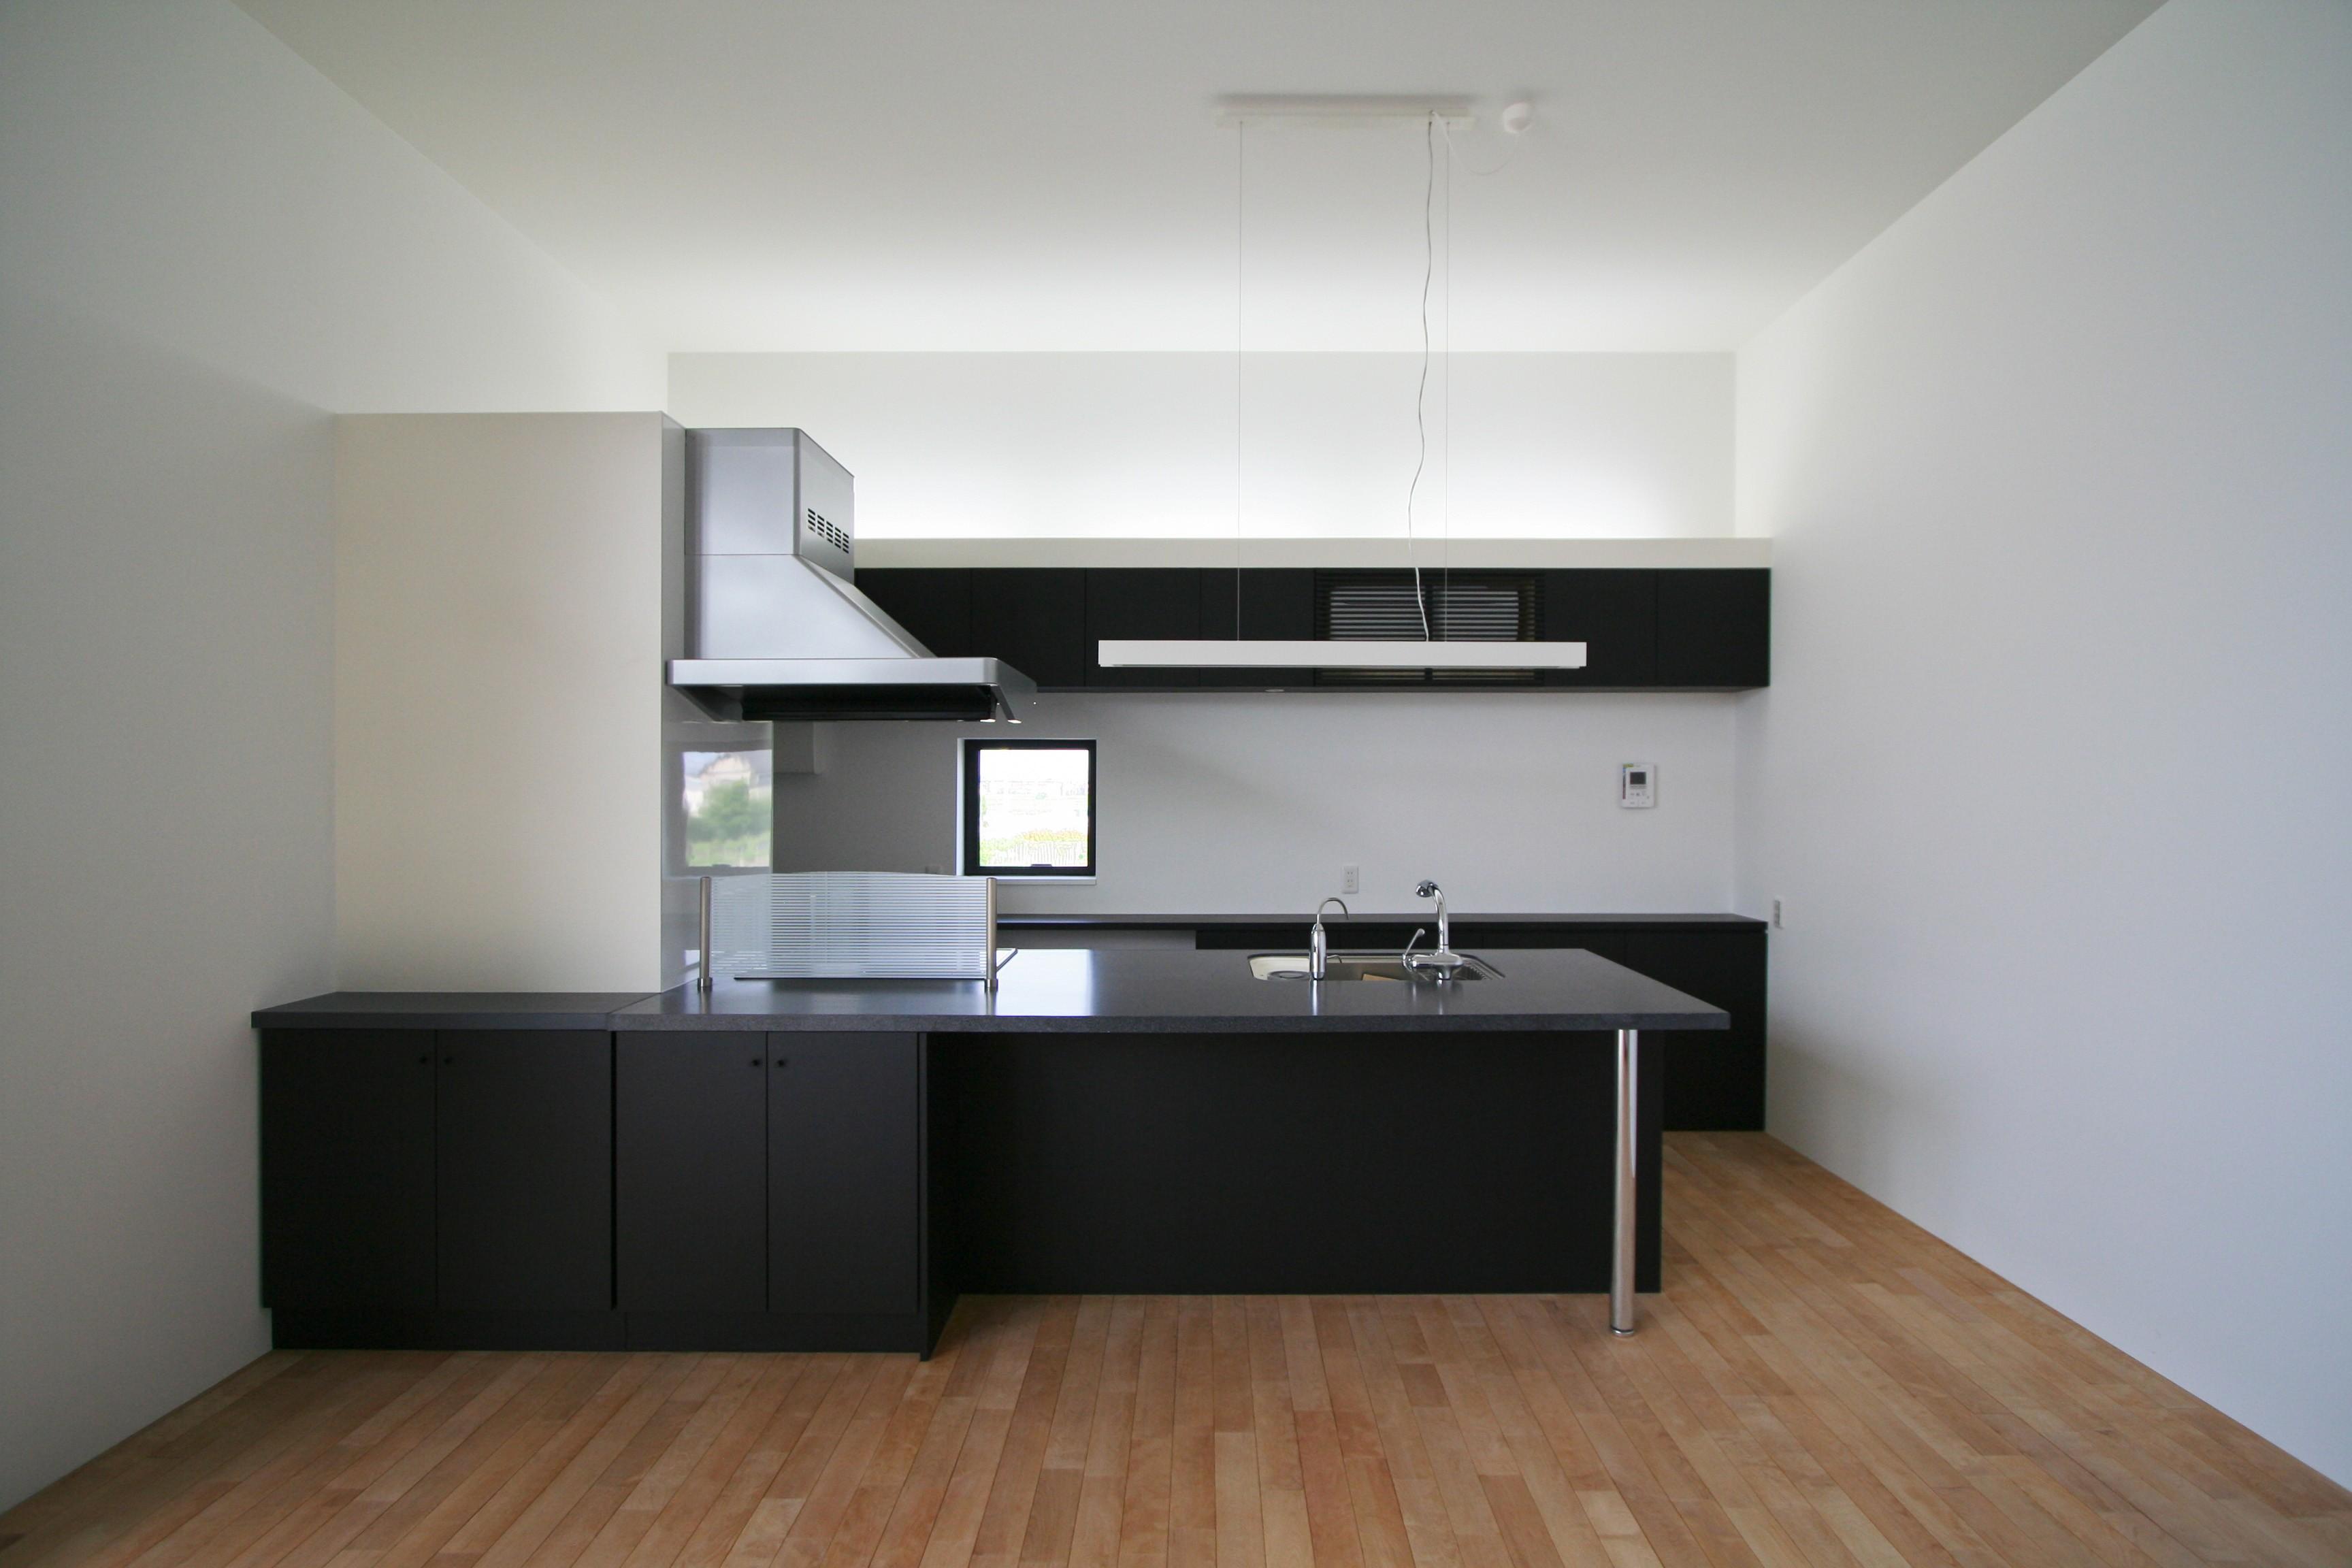 リビングダイニング事例:キッチン(ミニマルデザインのハコ型の家)